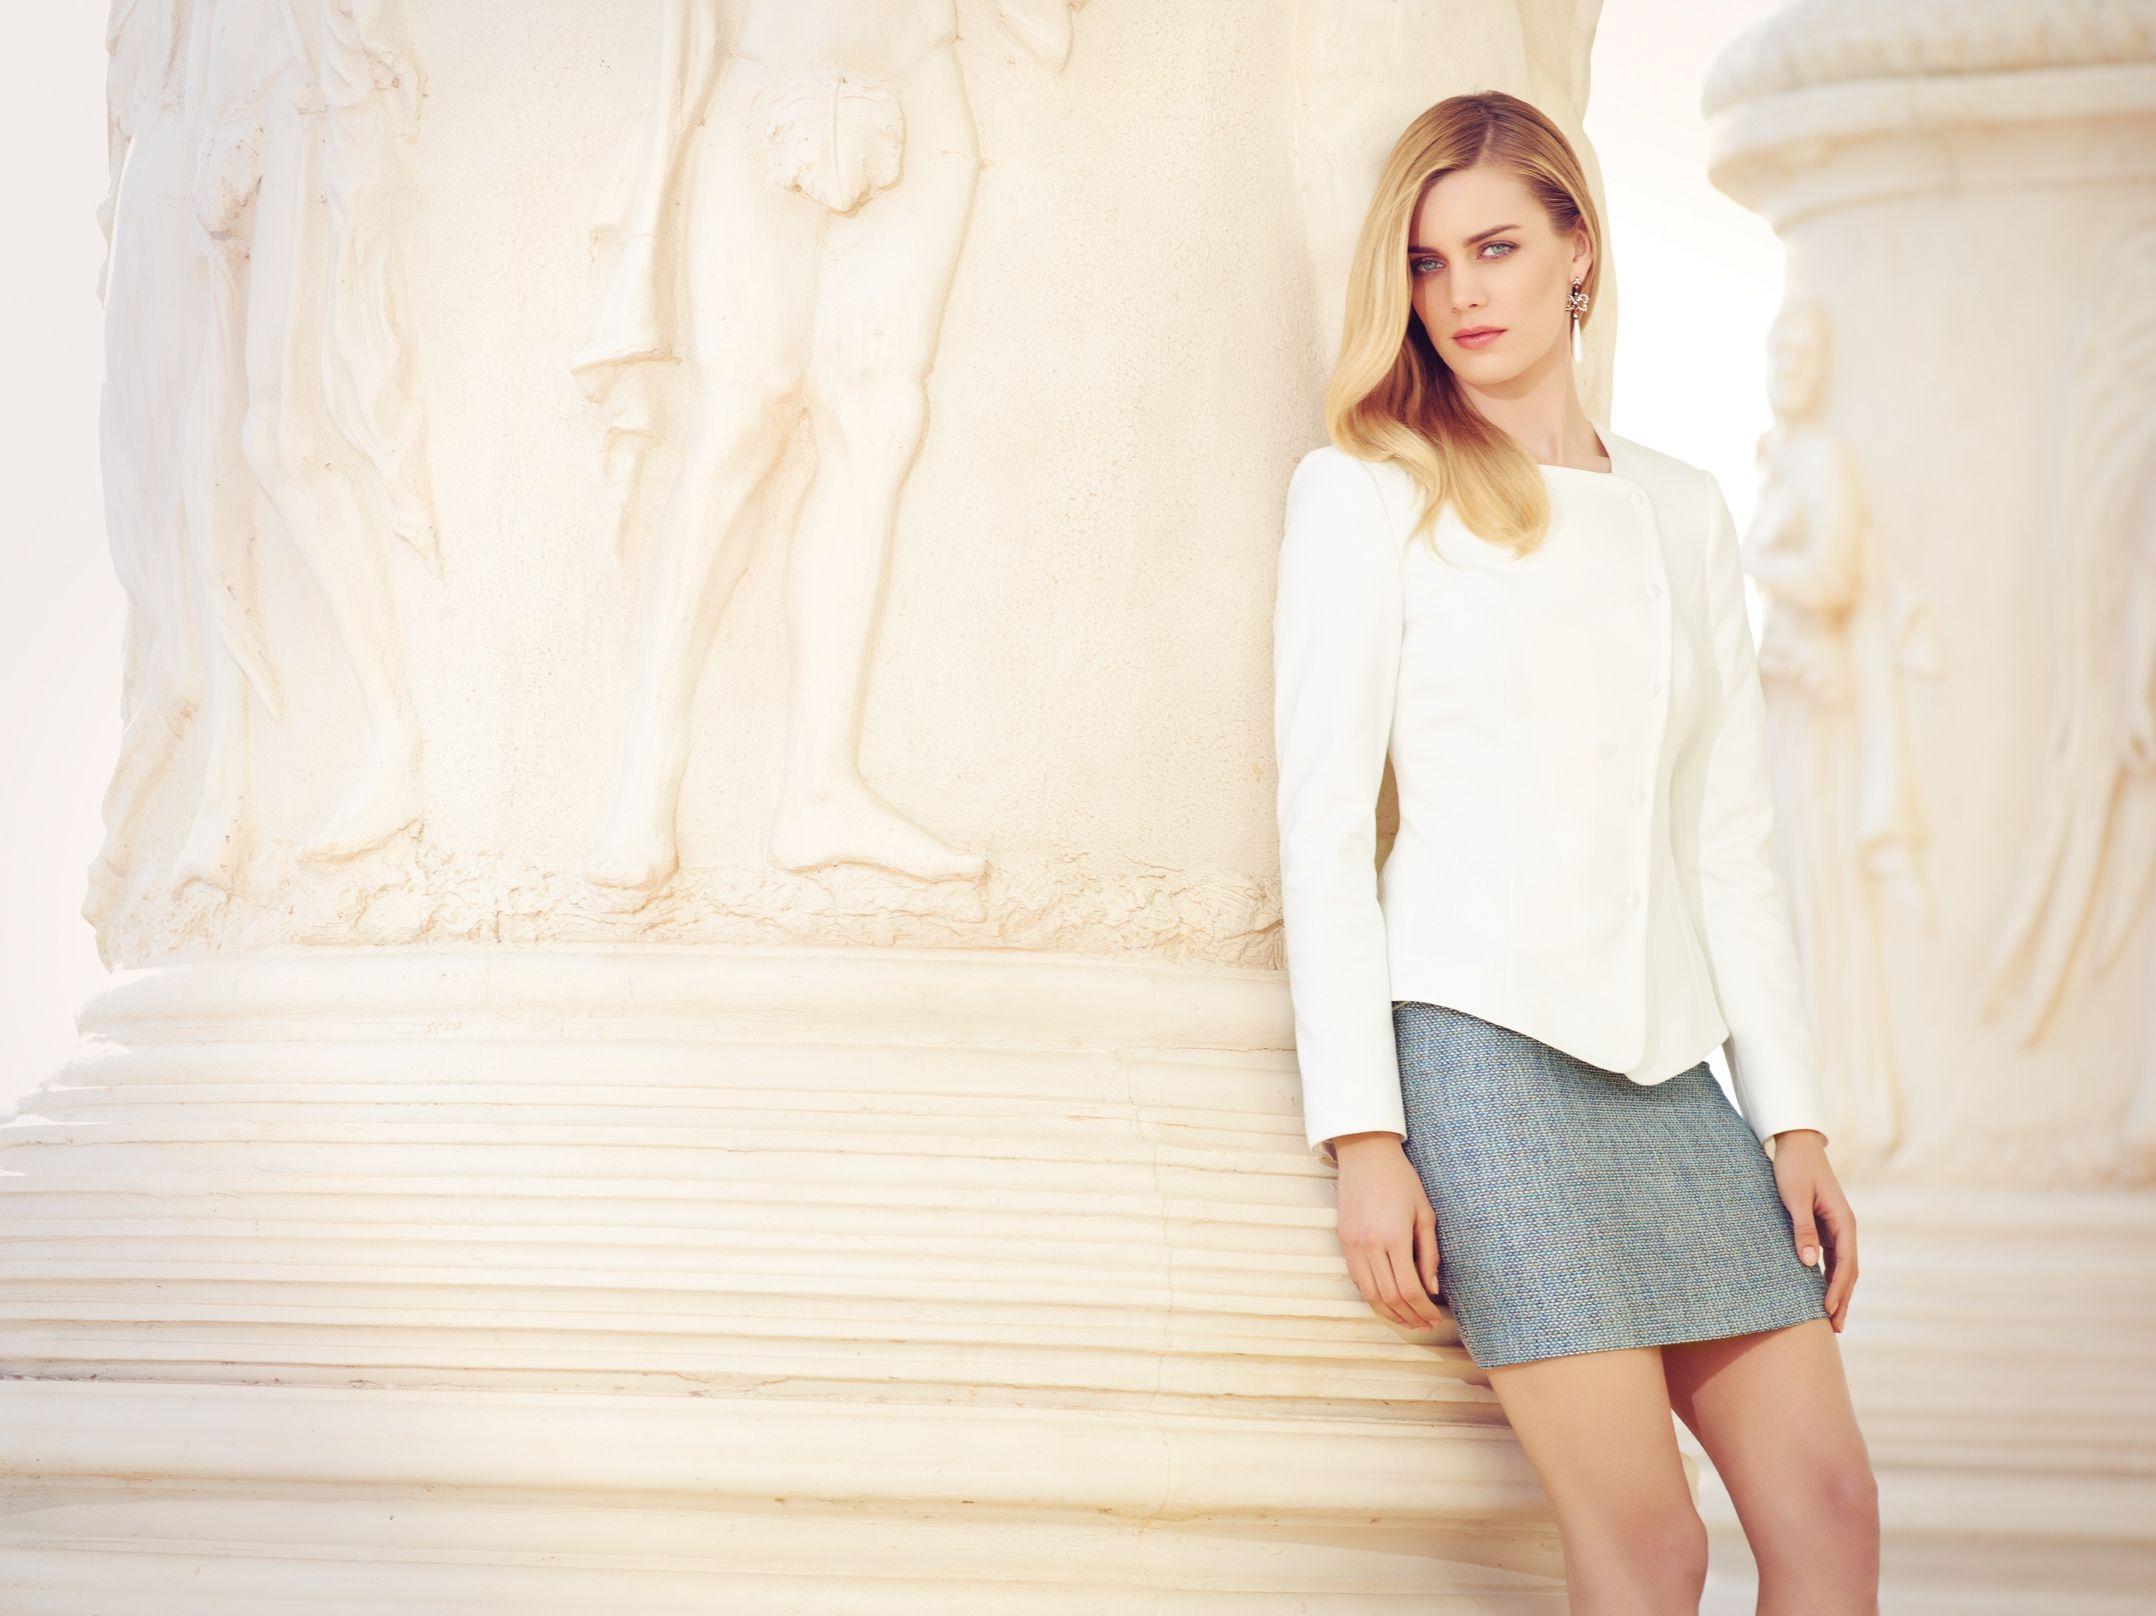 Adl 2013 Ilkbahar Yaz Koleksiyonu Working Chic Stil Sahibi Guclu Sehirli Ve Sik Kadin Imajini Vurguluyor Yeni Sezonun Marka Yuzu Ise Amerikali Model Tara